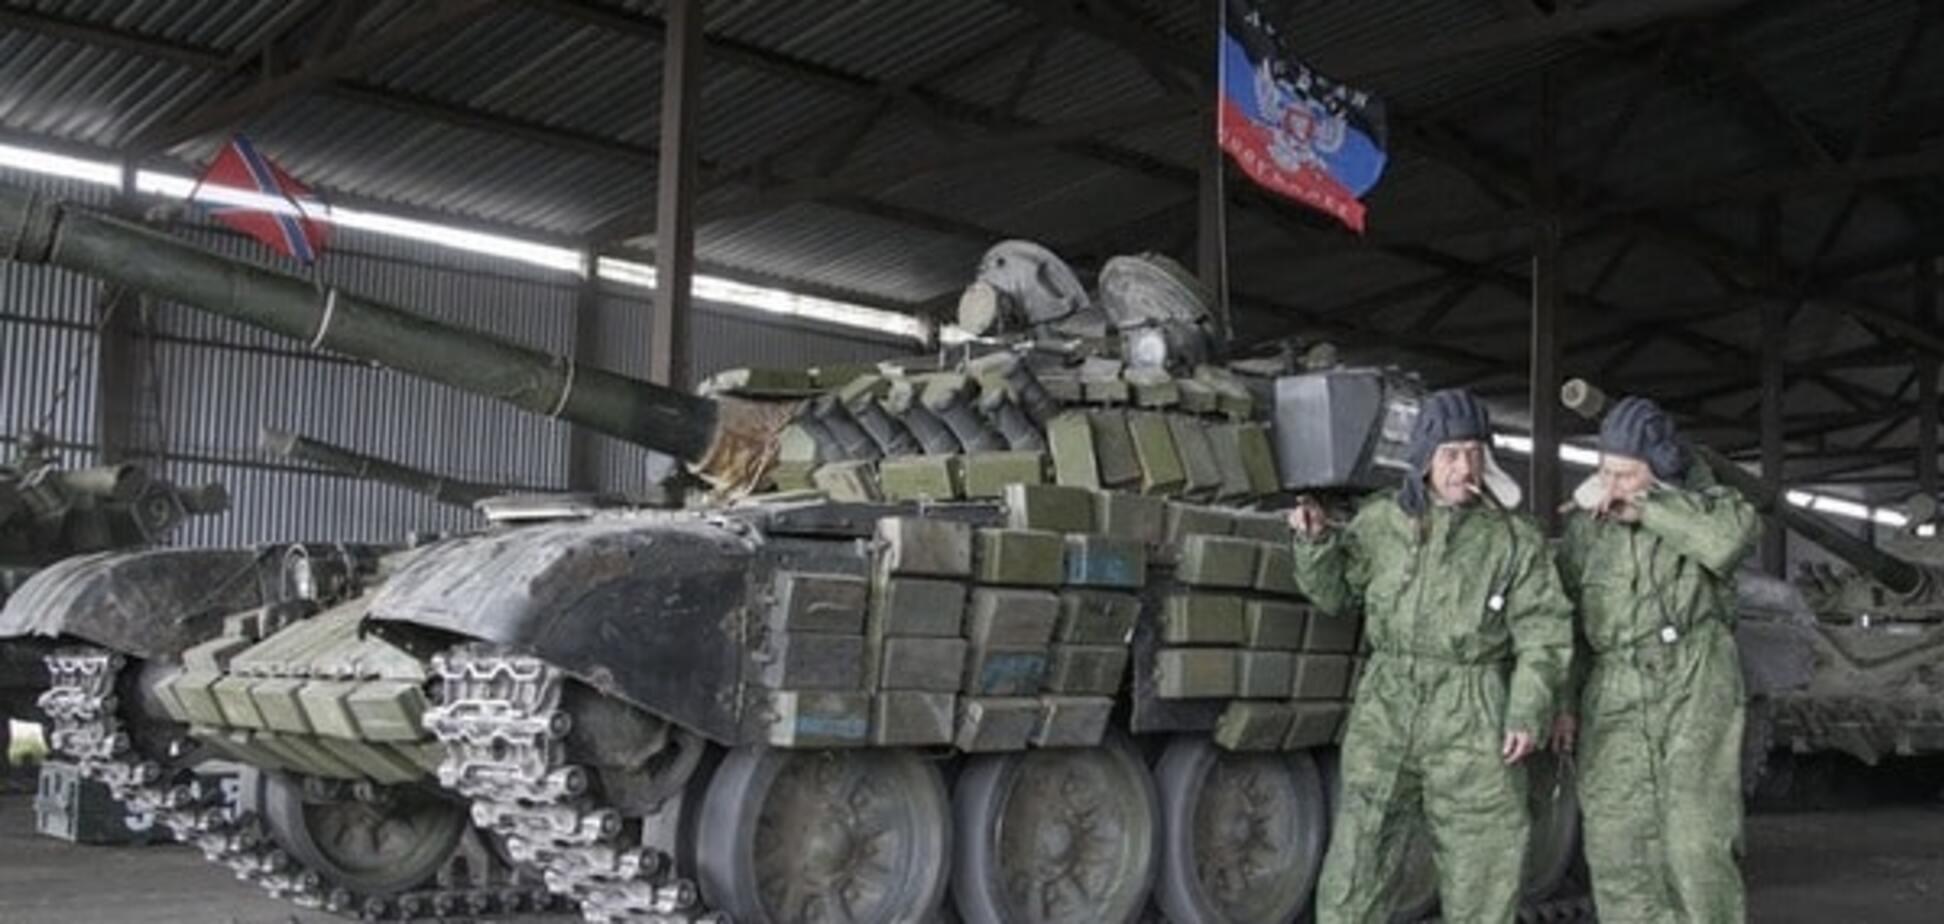 Выборы на Донбассе дадут Путину возможность 'узаконить' вторжение в Украину – военный эксперт